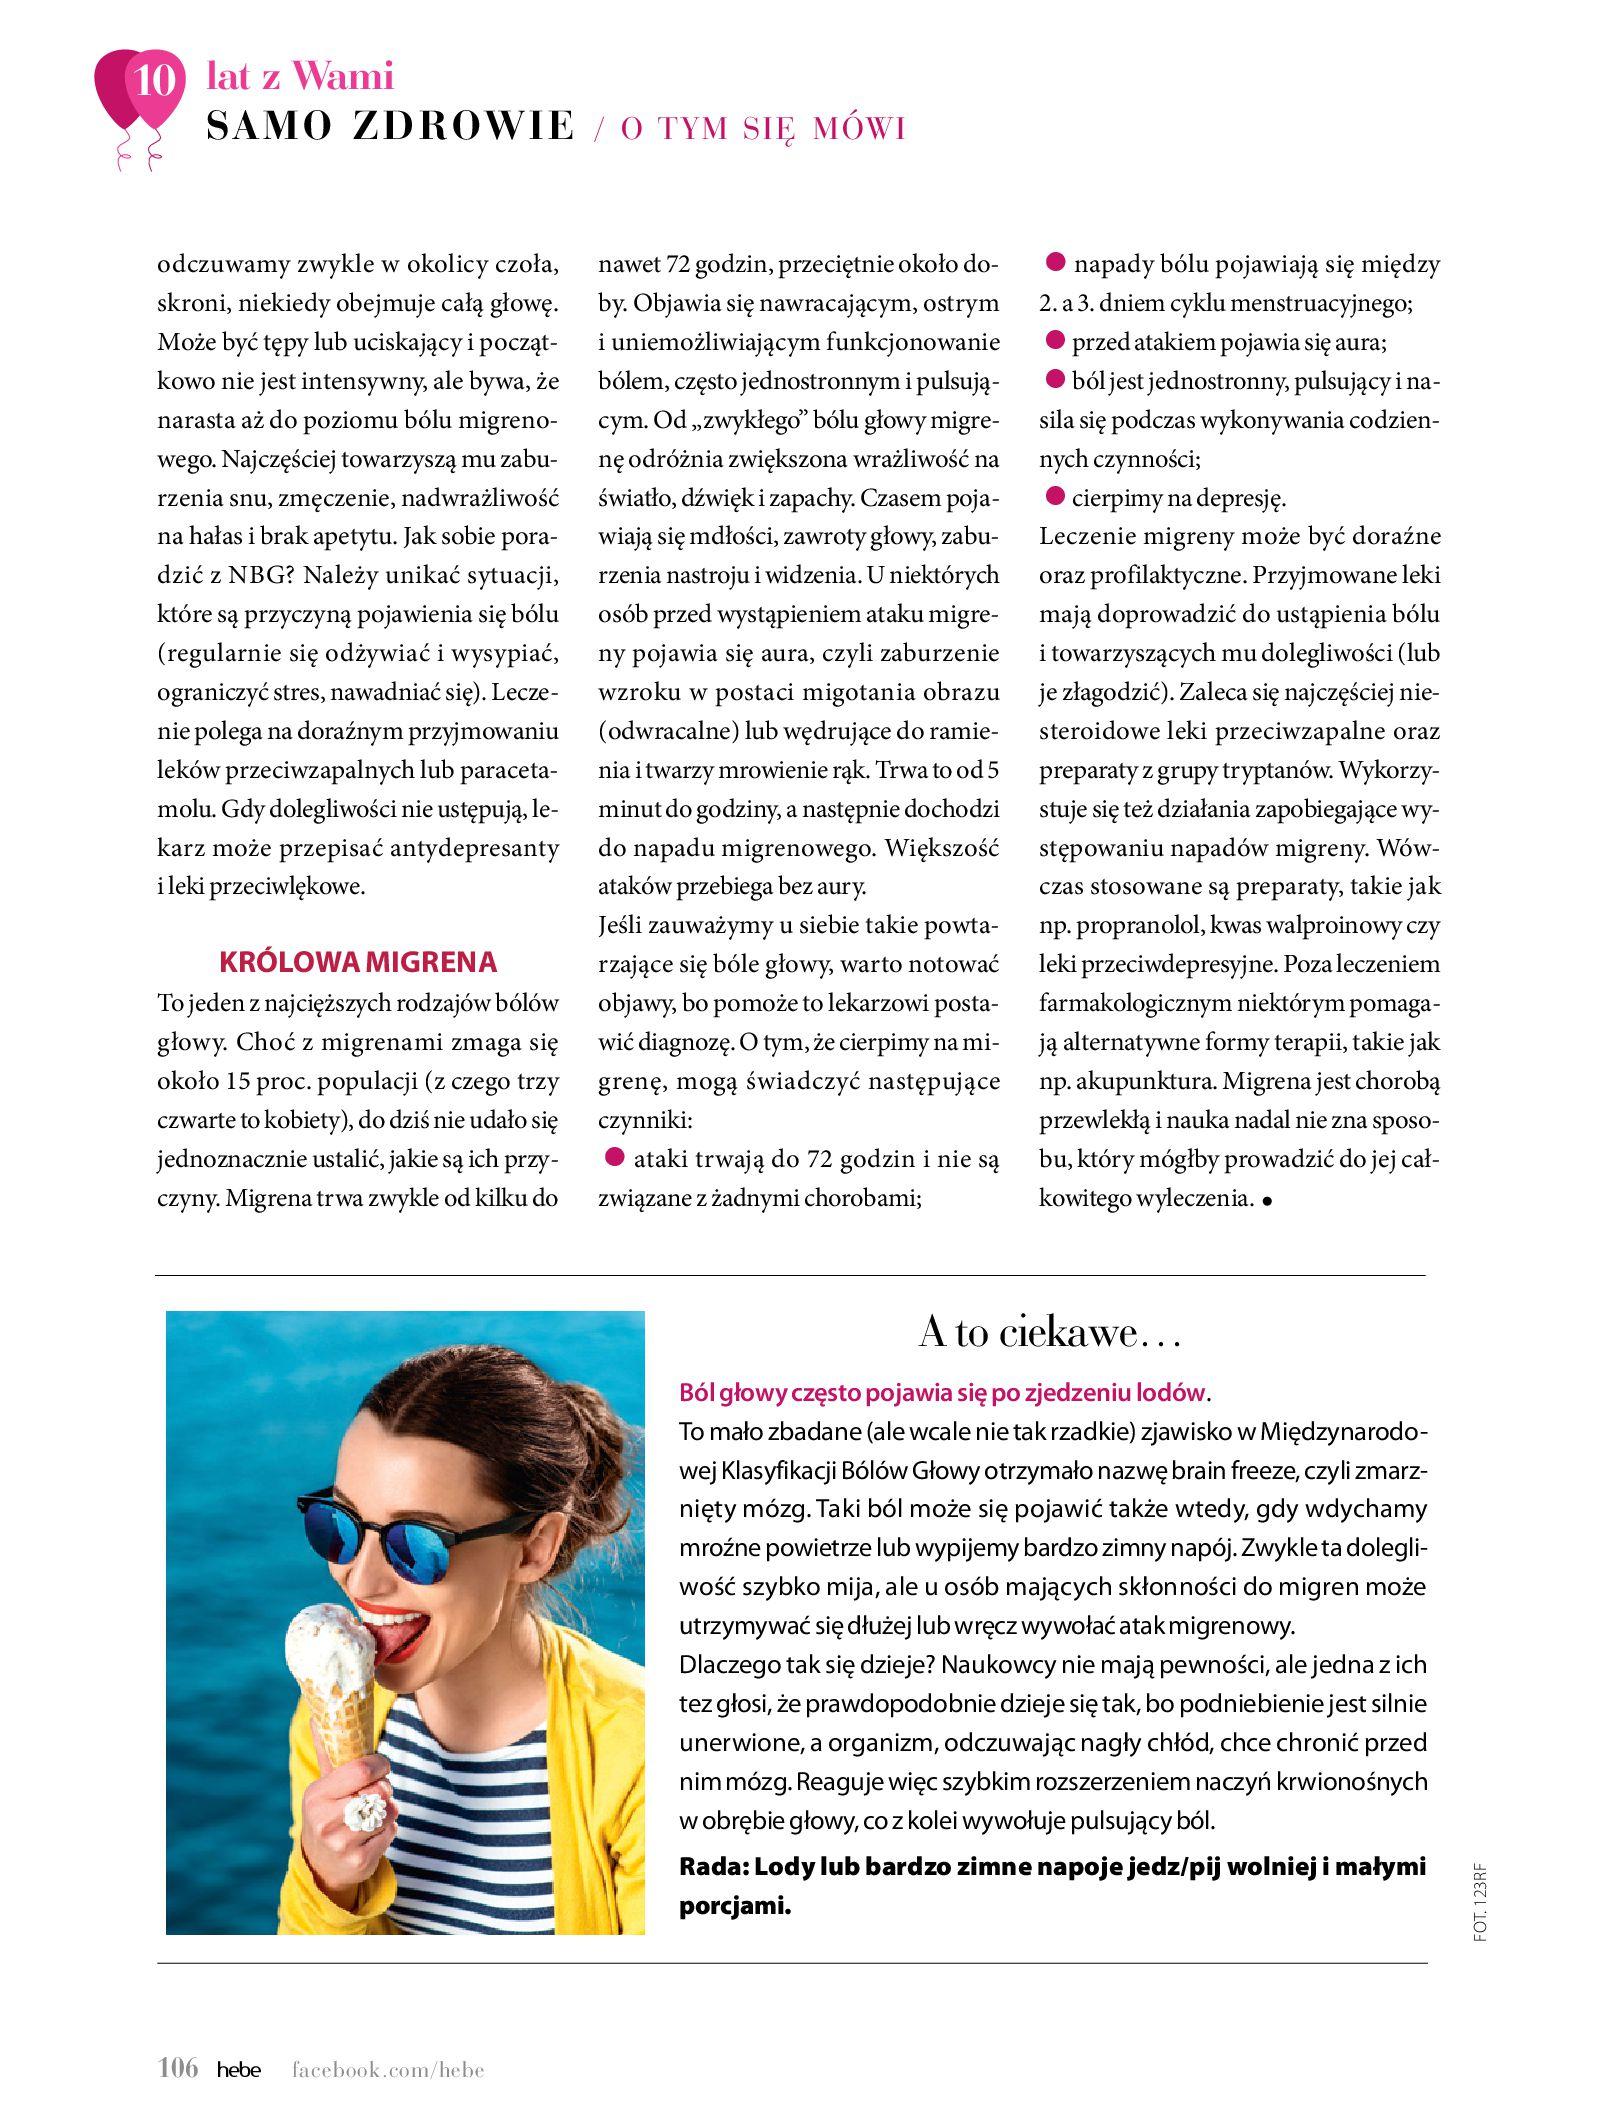 Gazetka hebe: Gazetka Hebe - Magazyn  2021-05-01 page-106